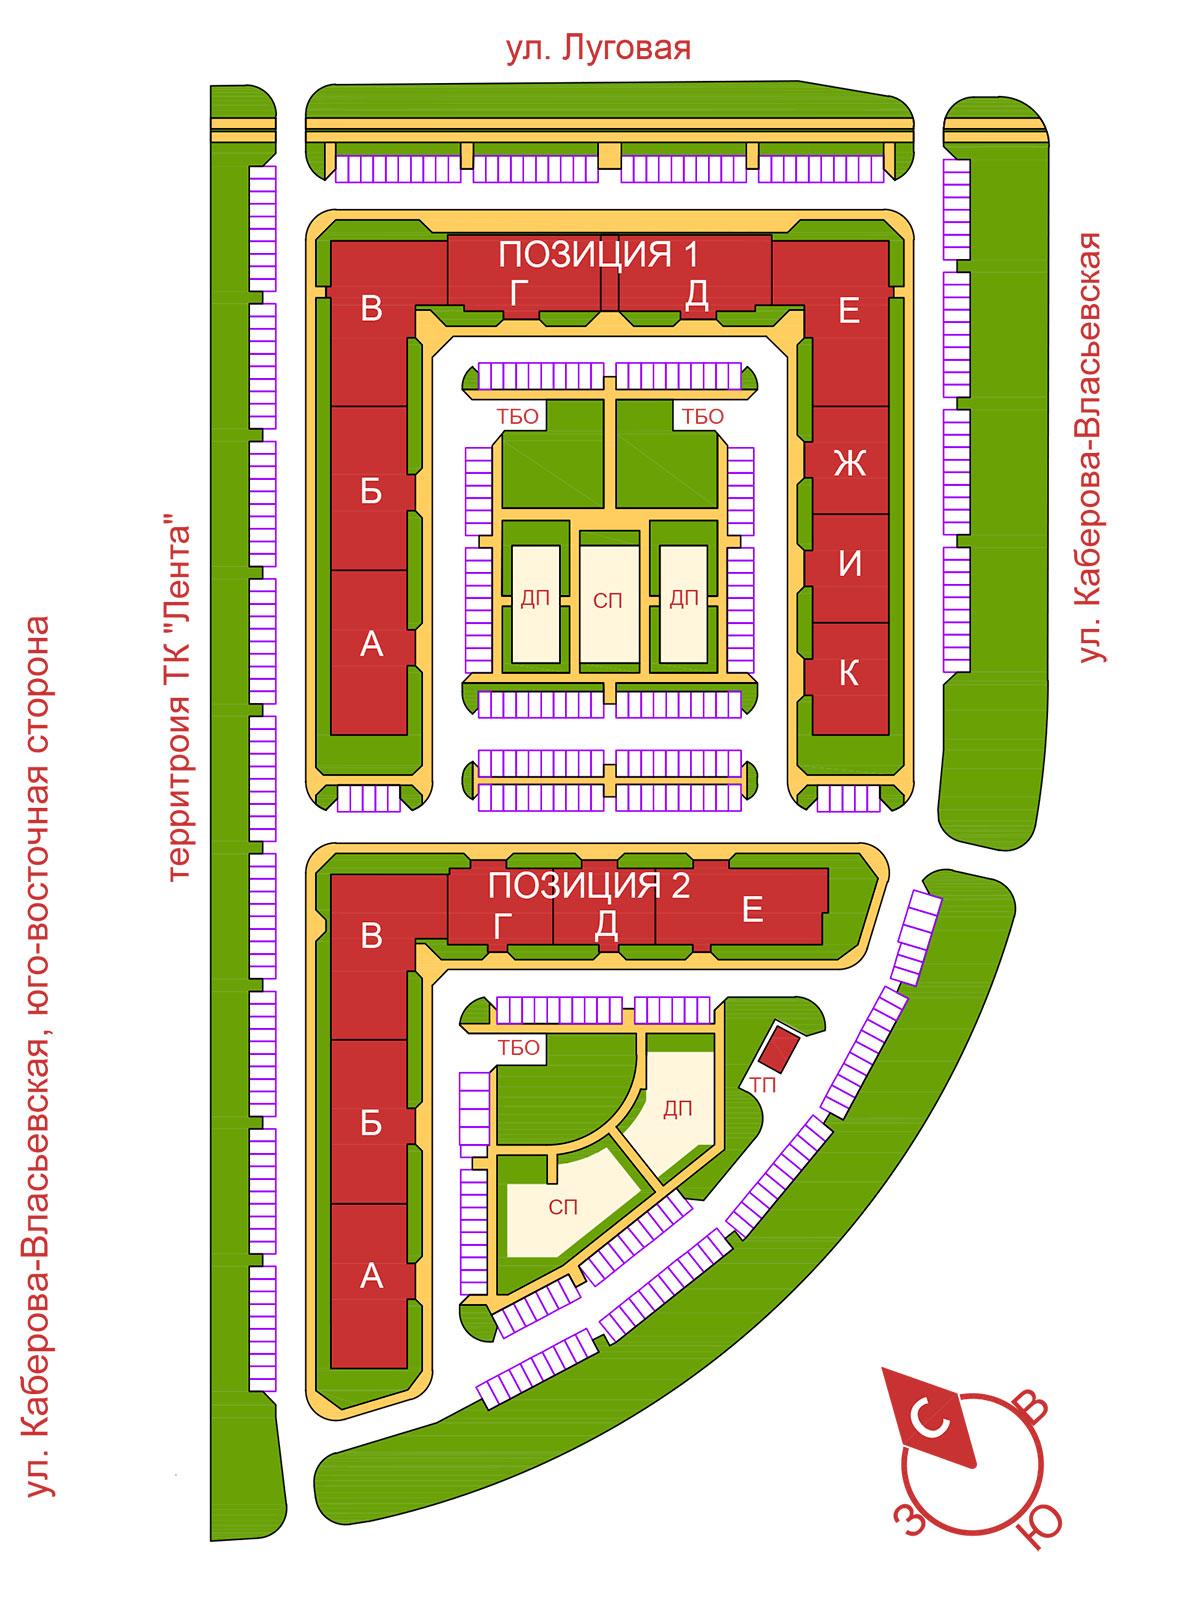 План застройкм объекта ЖК Союз, поз. 1, очередь 2